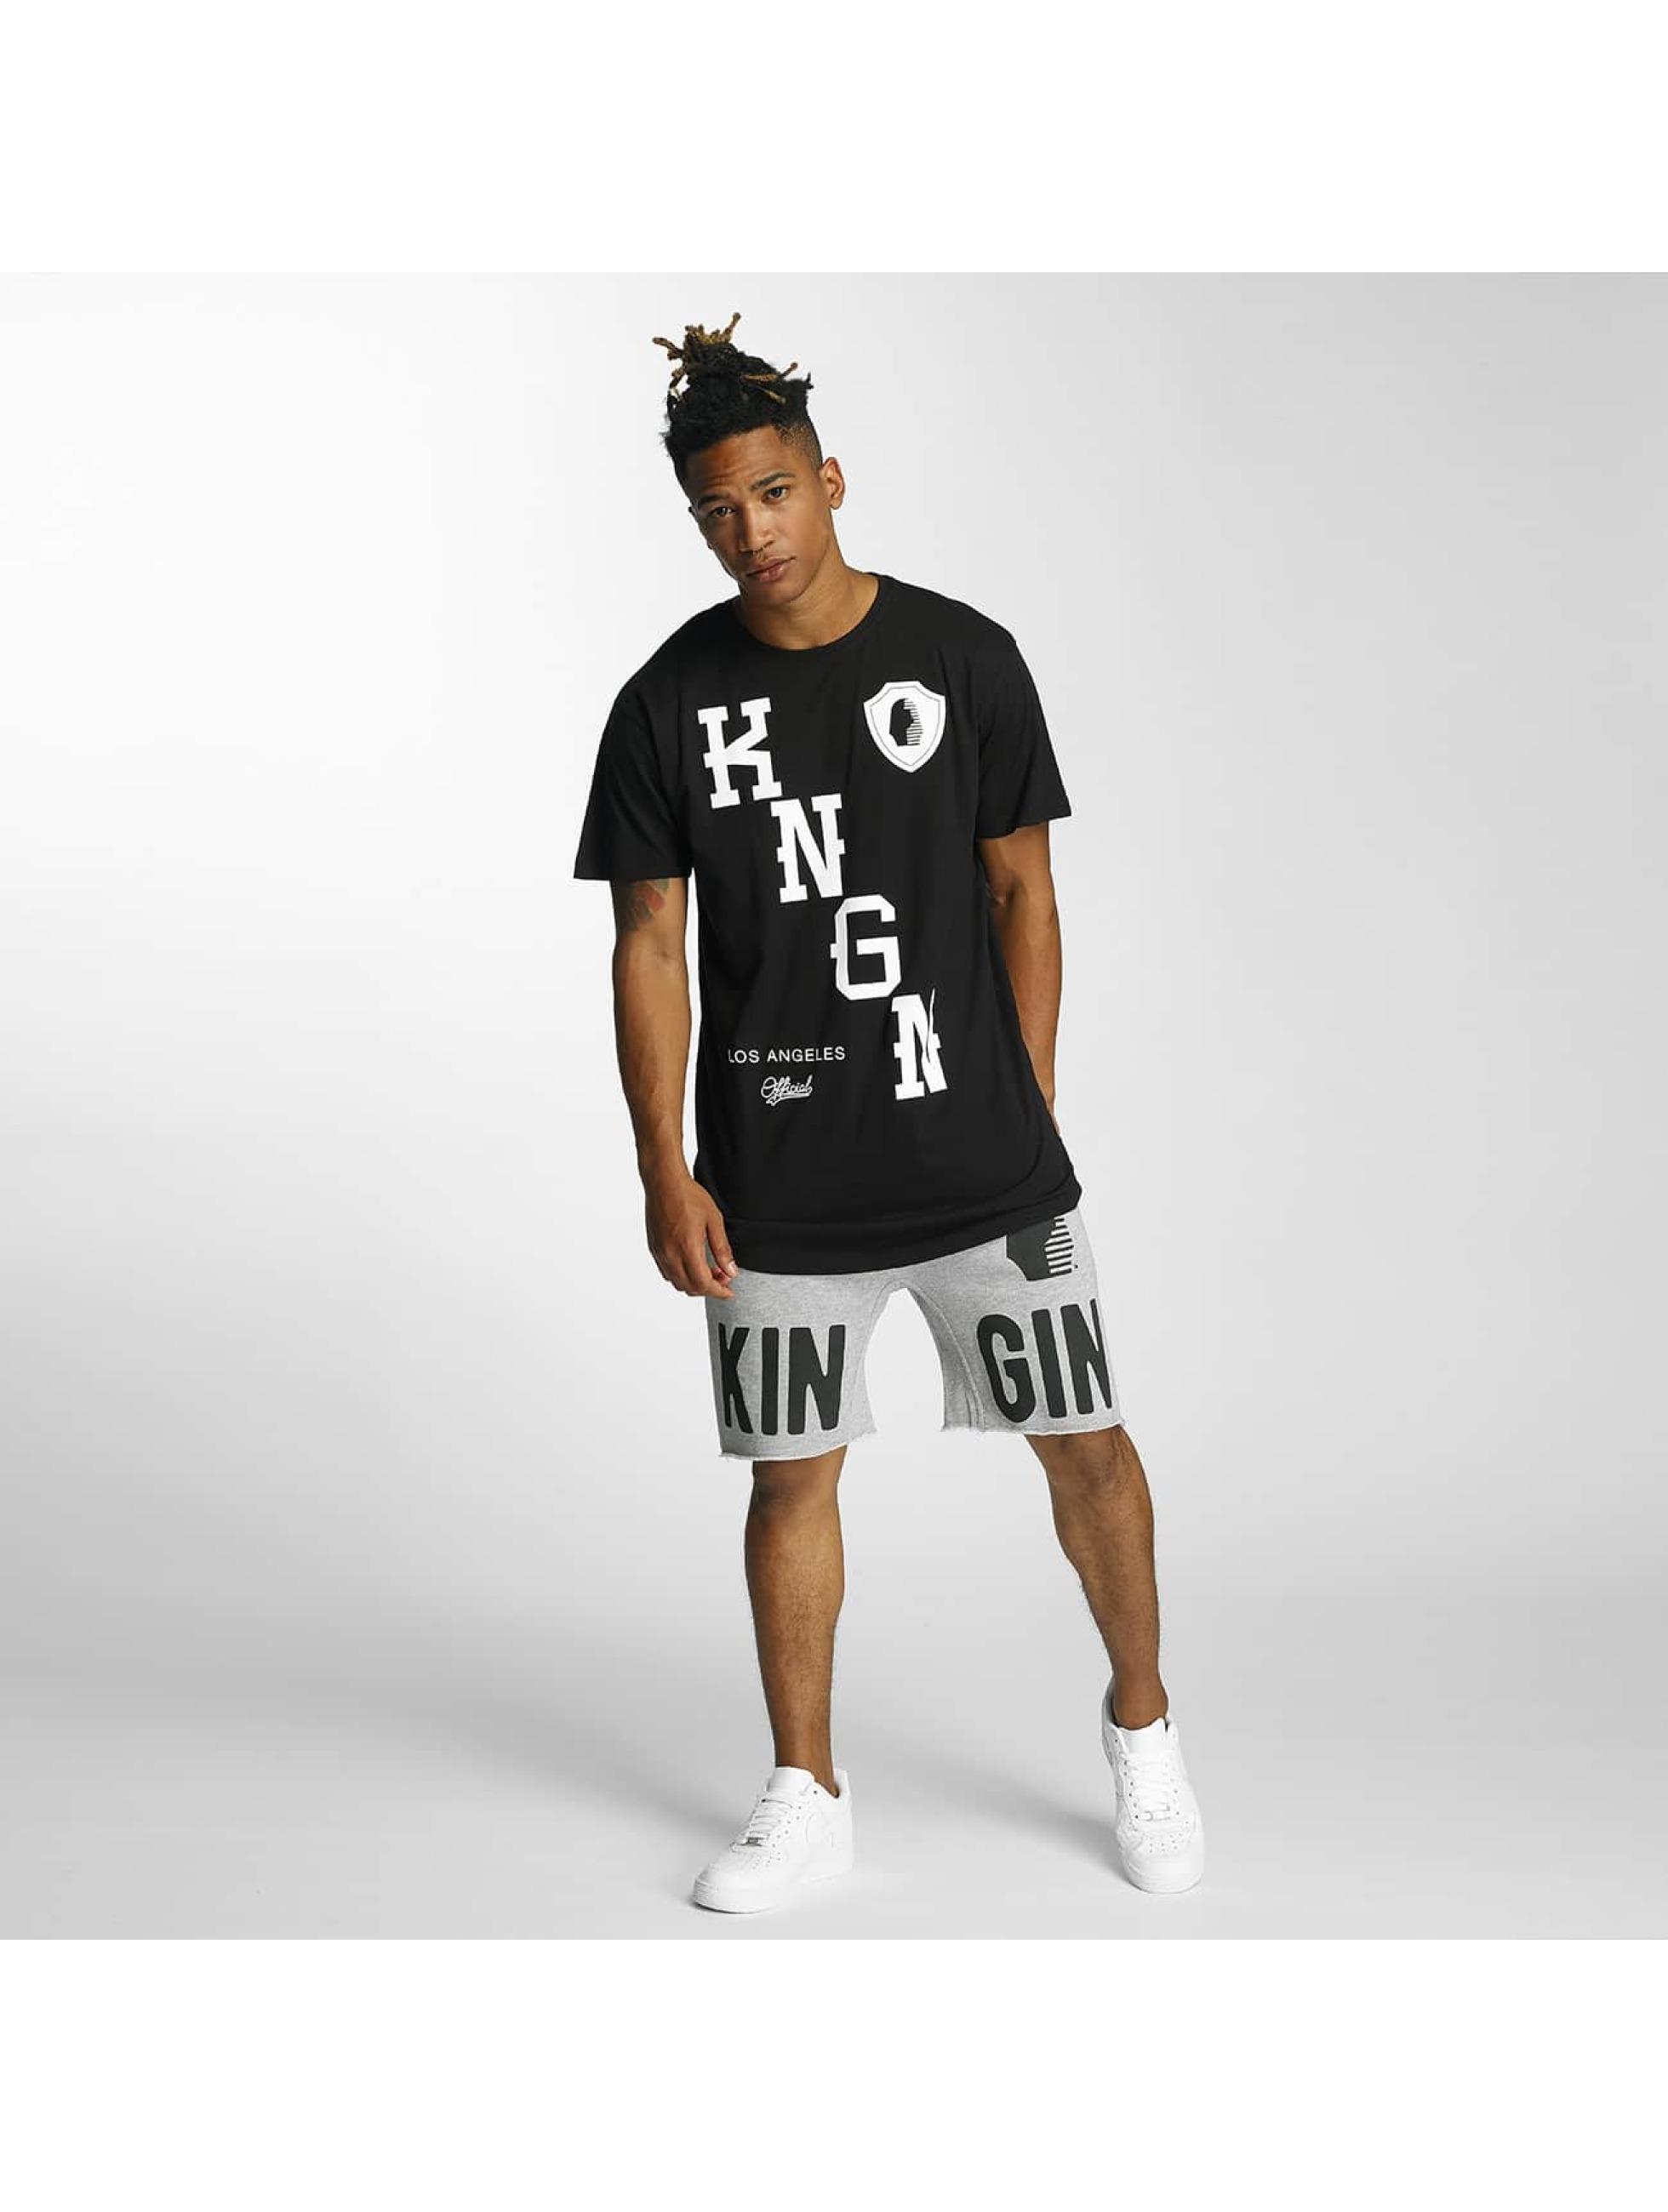 Kingin Trika KNGN čern